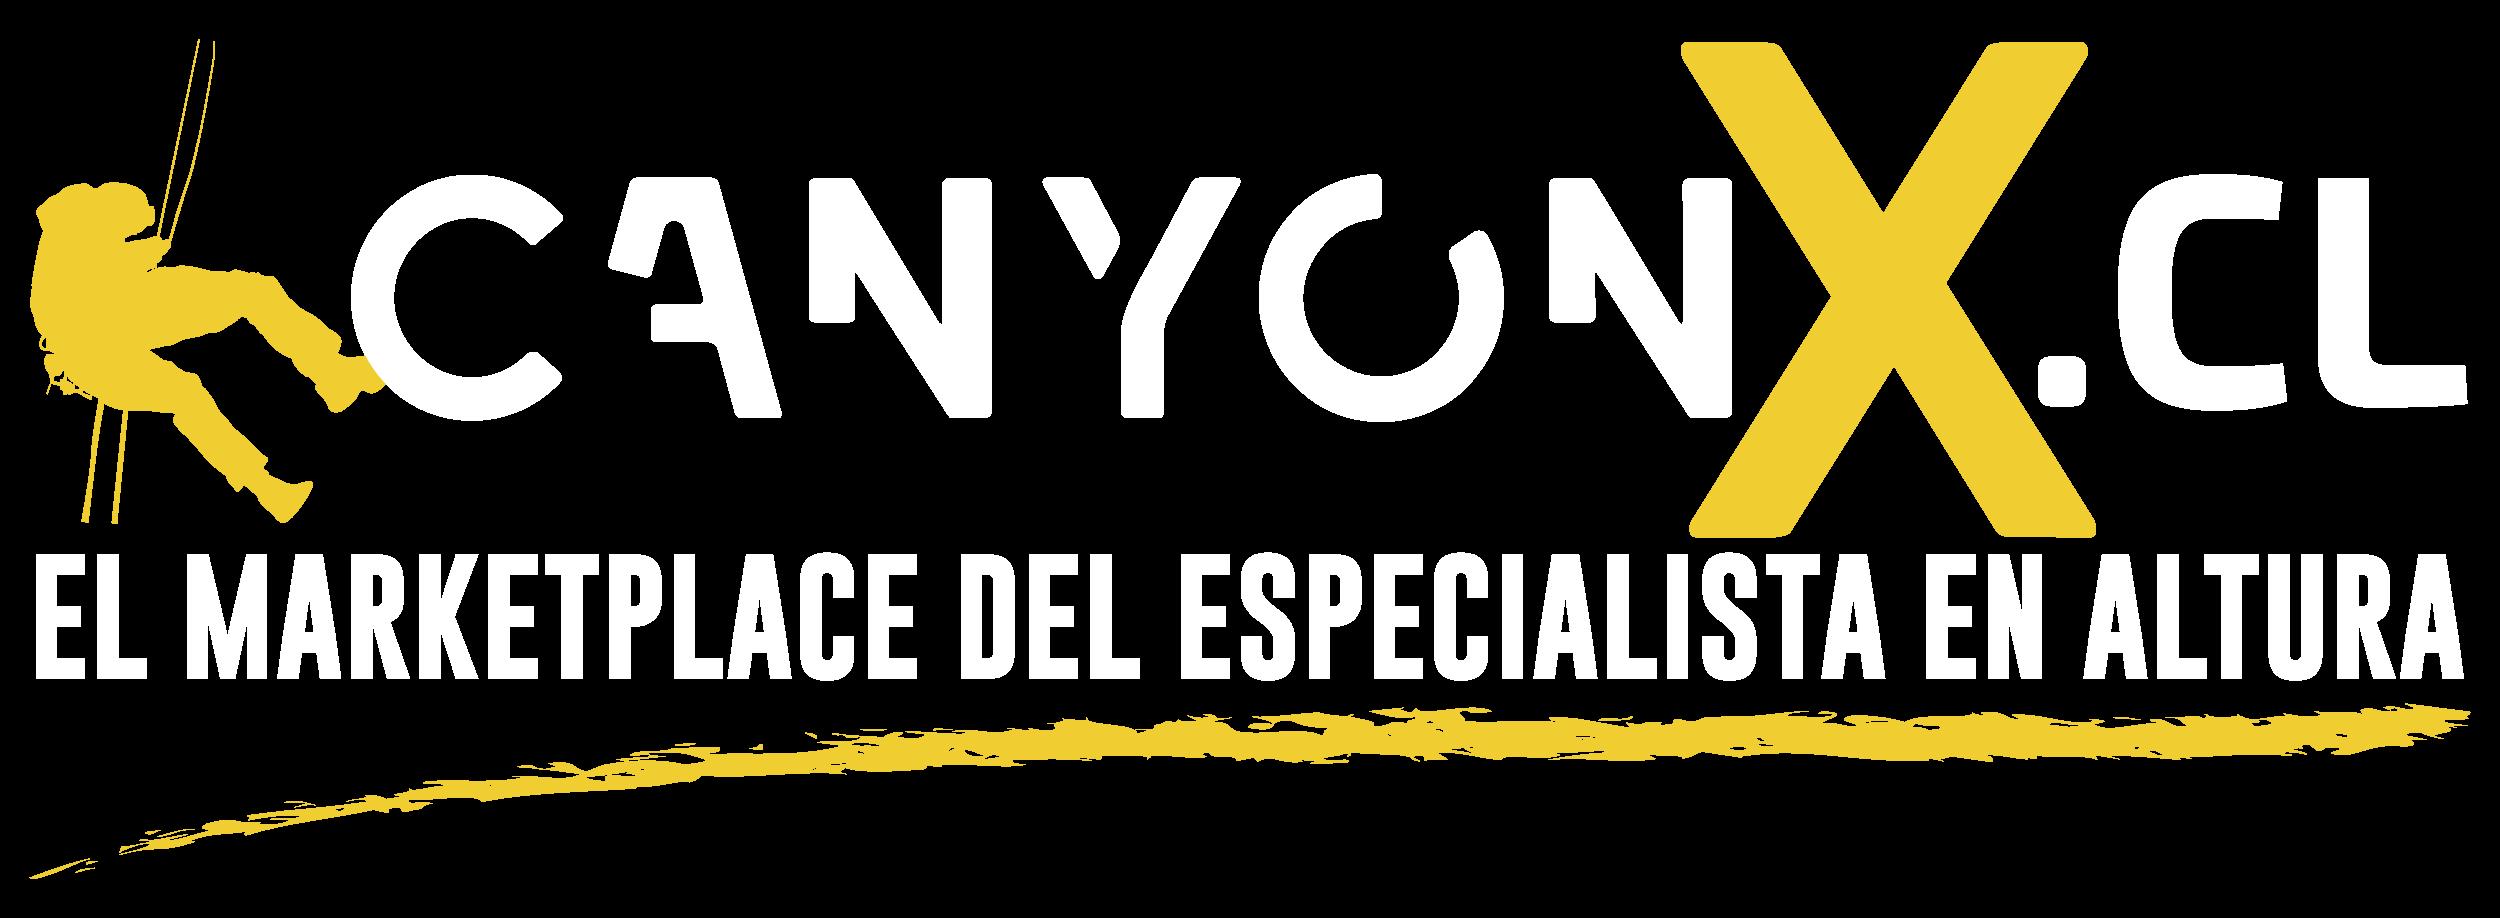 Canyonx.cl – El MarketPlace del Especialista en Altura, Acceso por Cuerdas, Rescate y Equipamiento Industrial